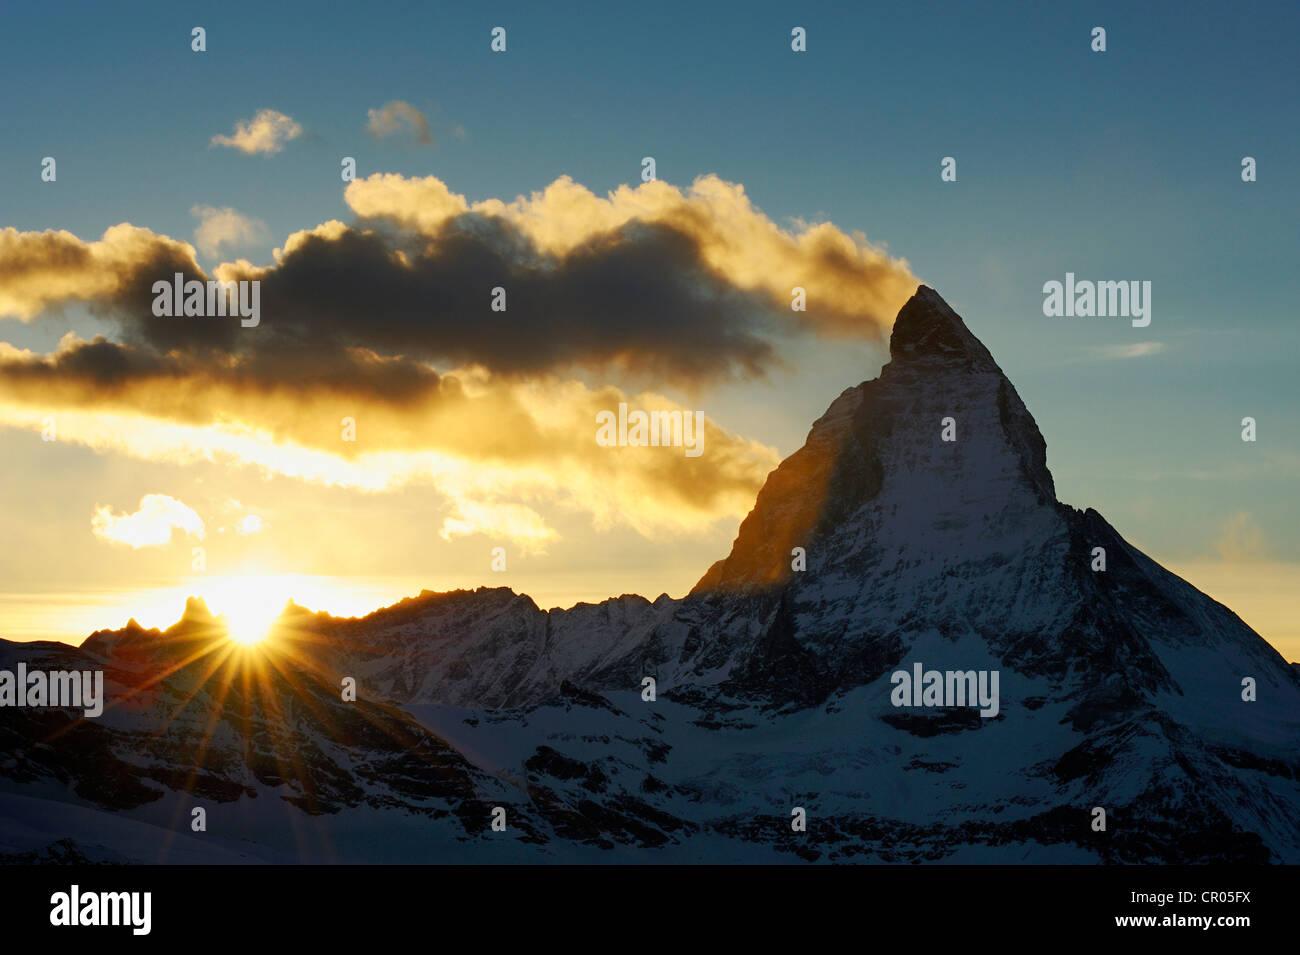 Mt. Al atardecer Matterhorn, Zermatt, Valais, Suiza, Europa Imagen De Stock